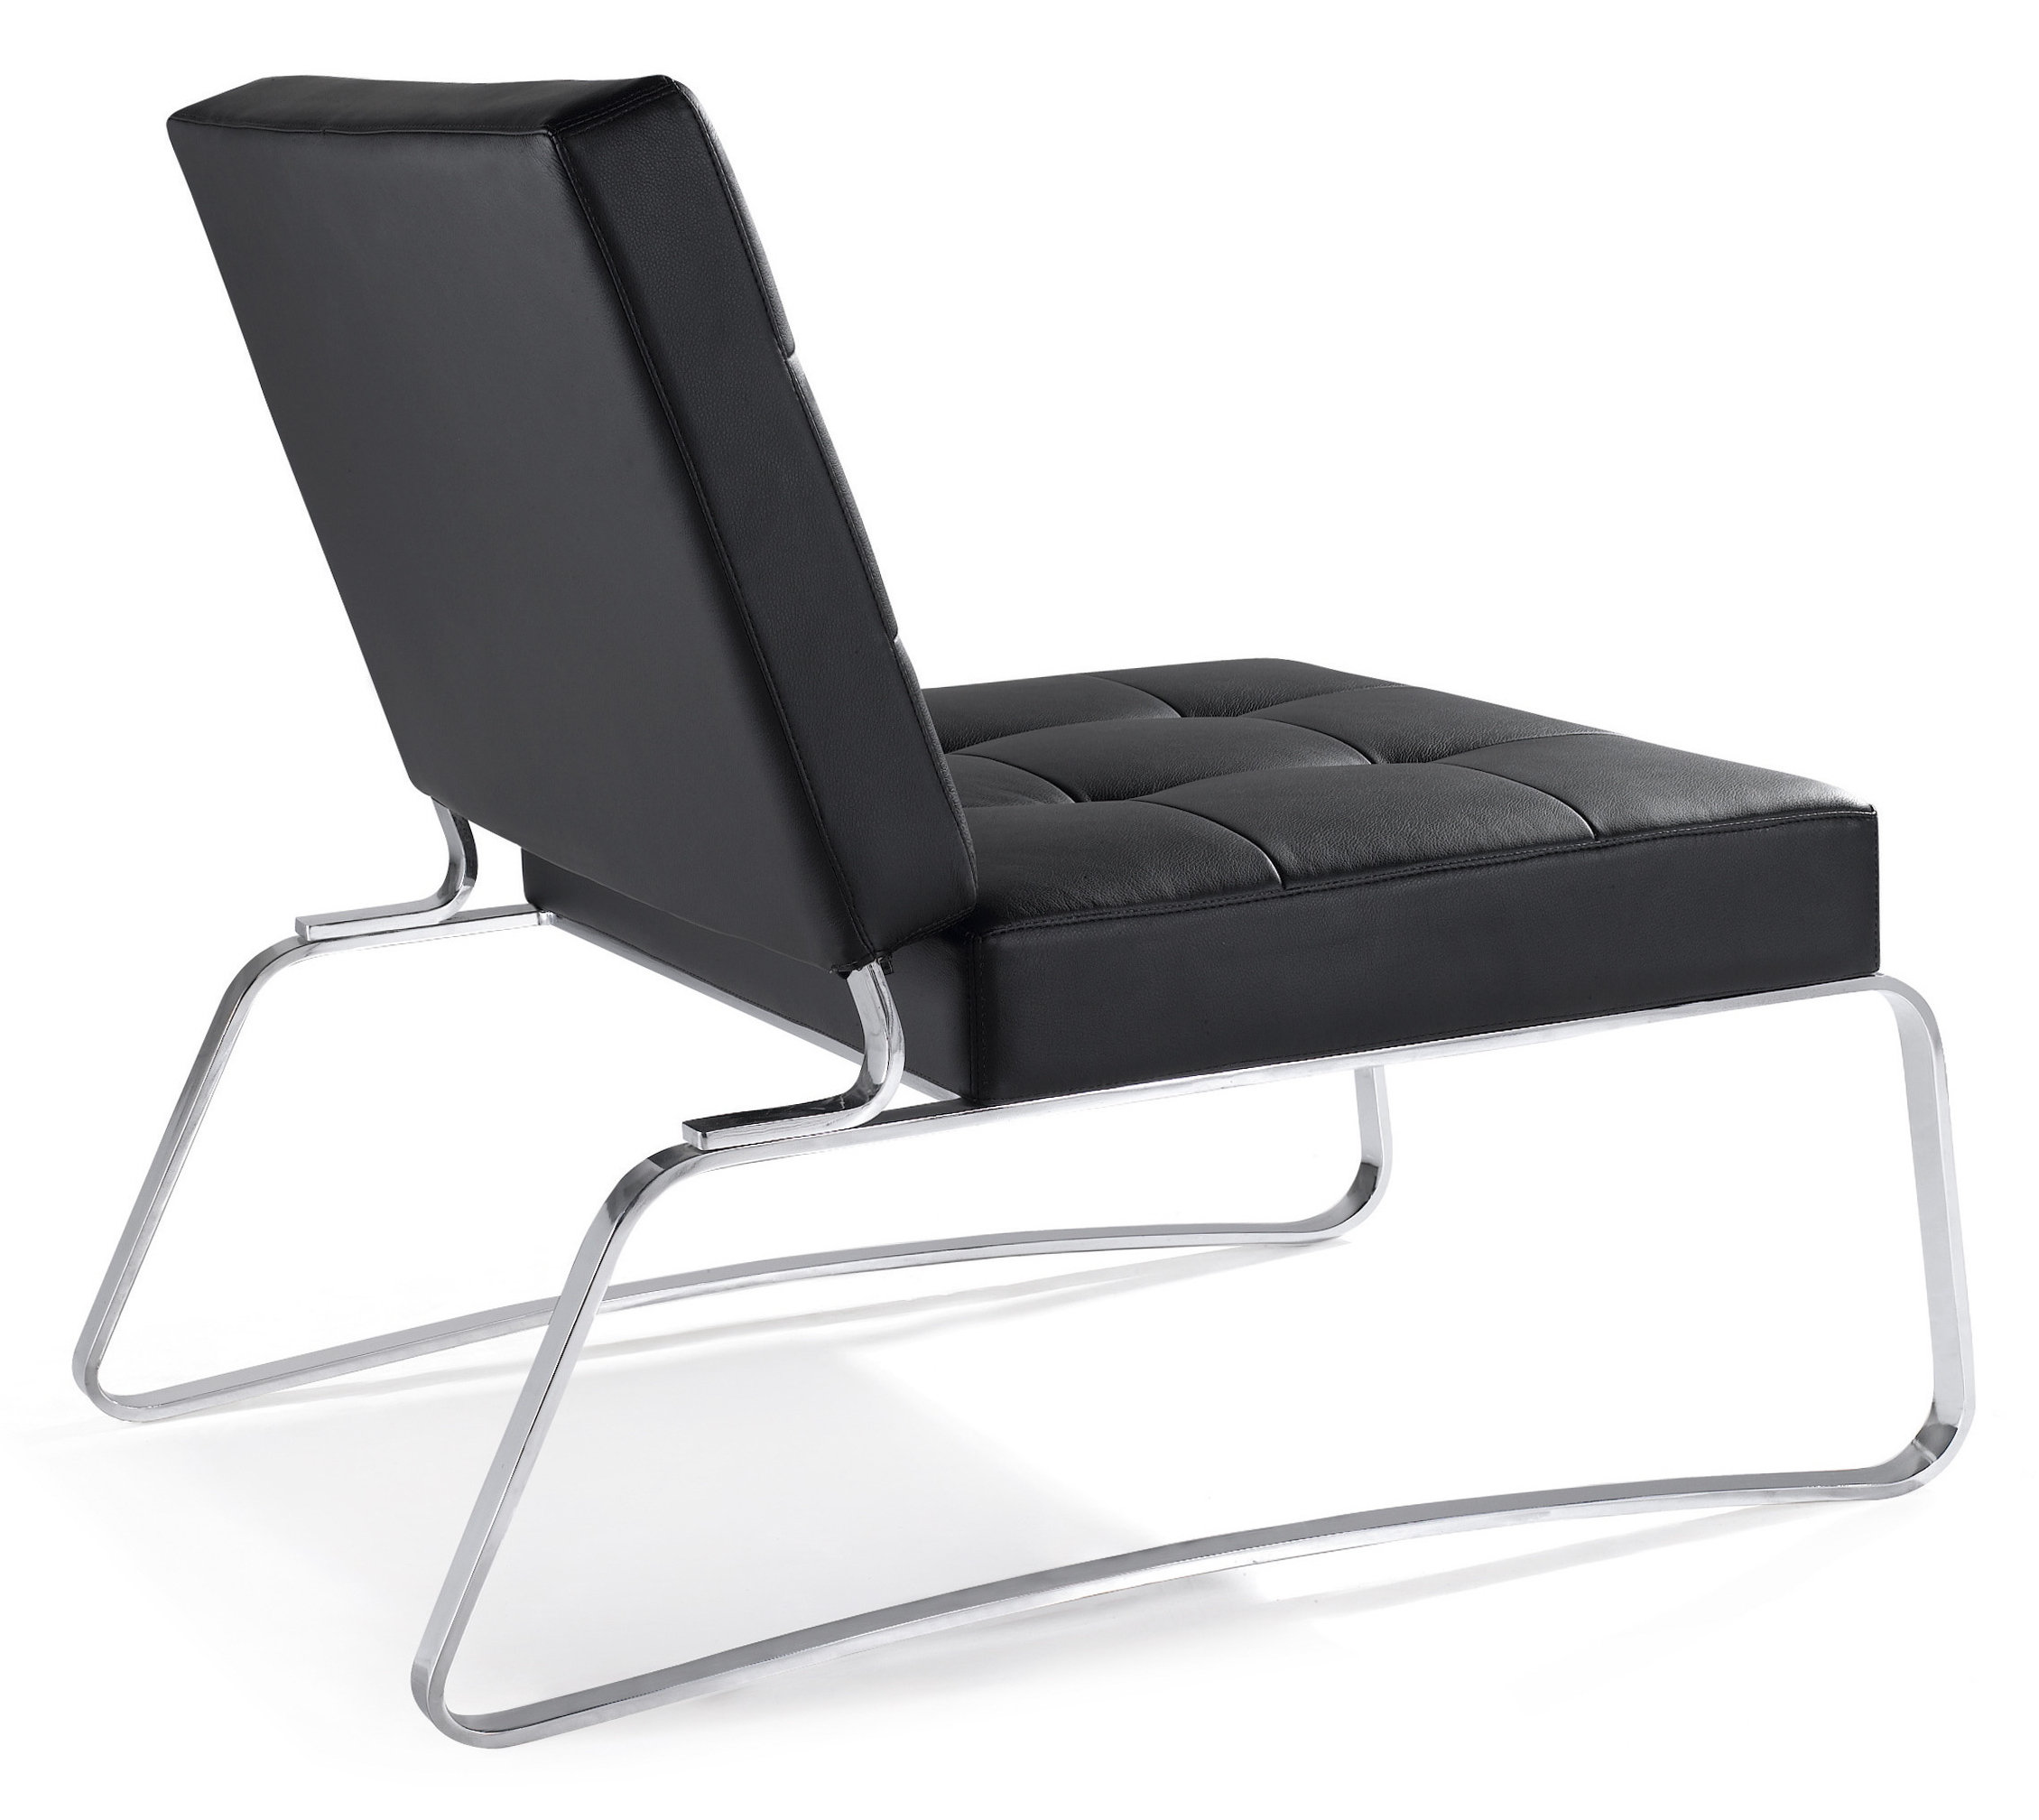 hermes-lounge-chair-in-black.jpg